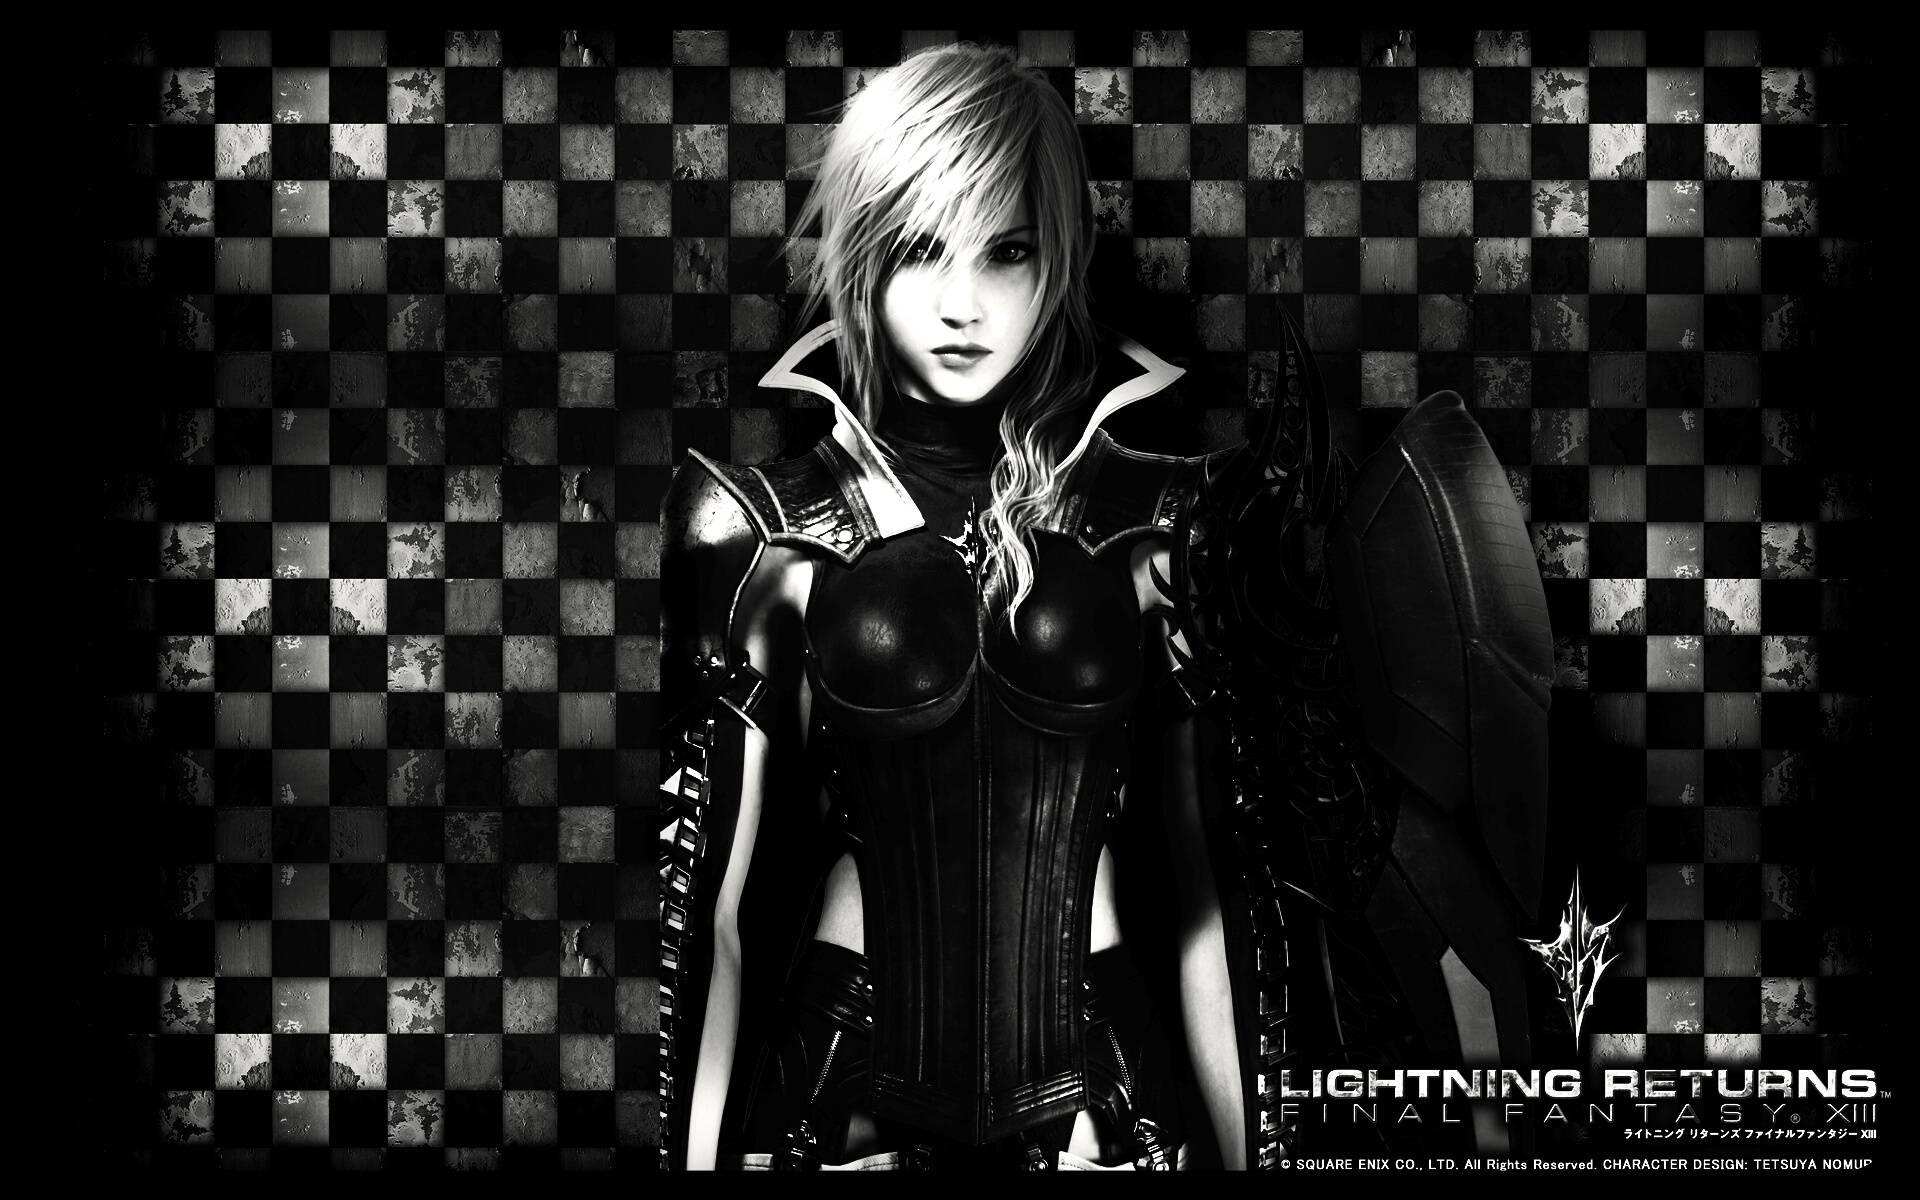 Lightning returns final fantasy 13 wallpaper hd « gamingbolt.com